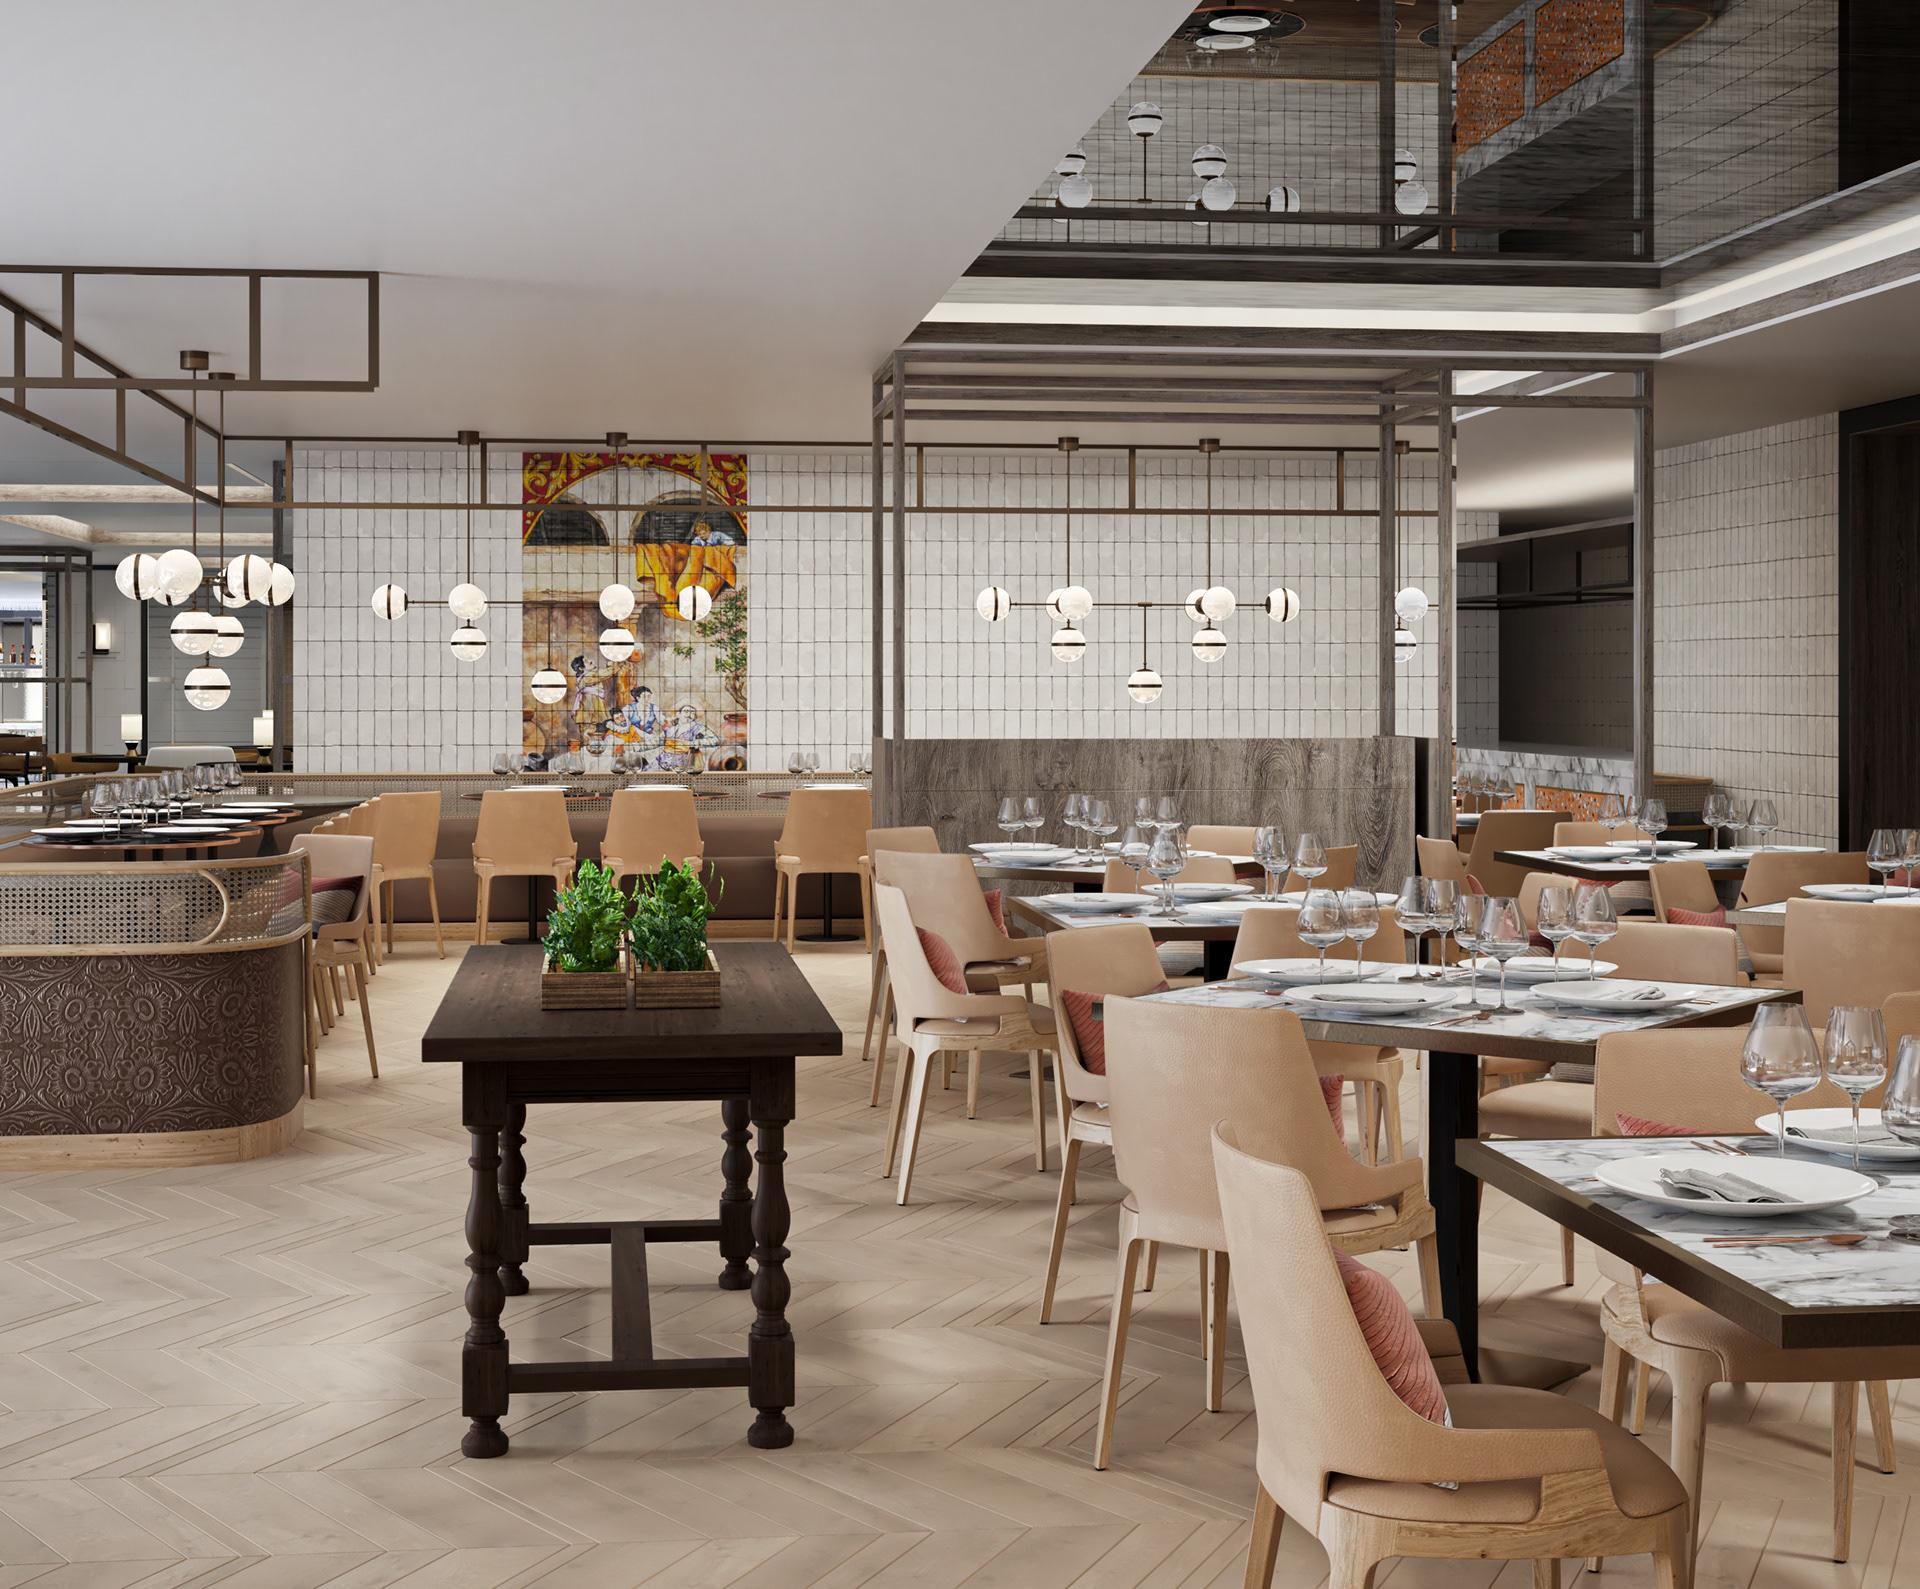 visualización arquitectónica de comedor de hotel